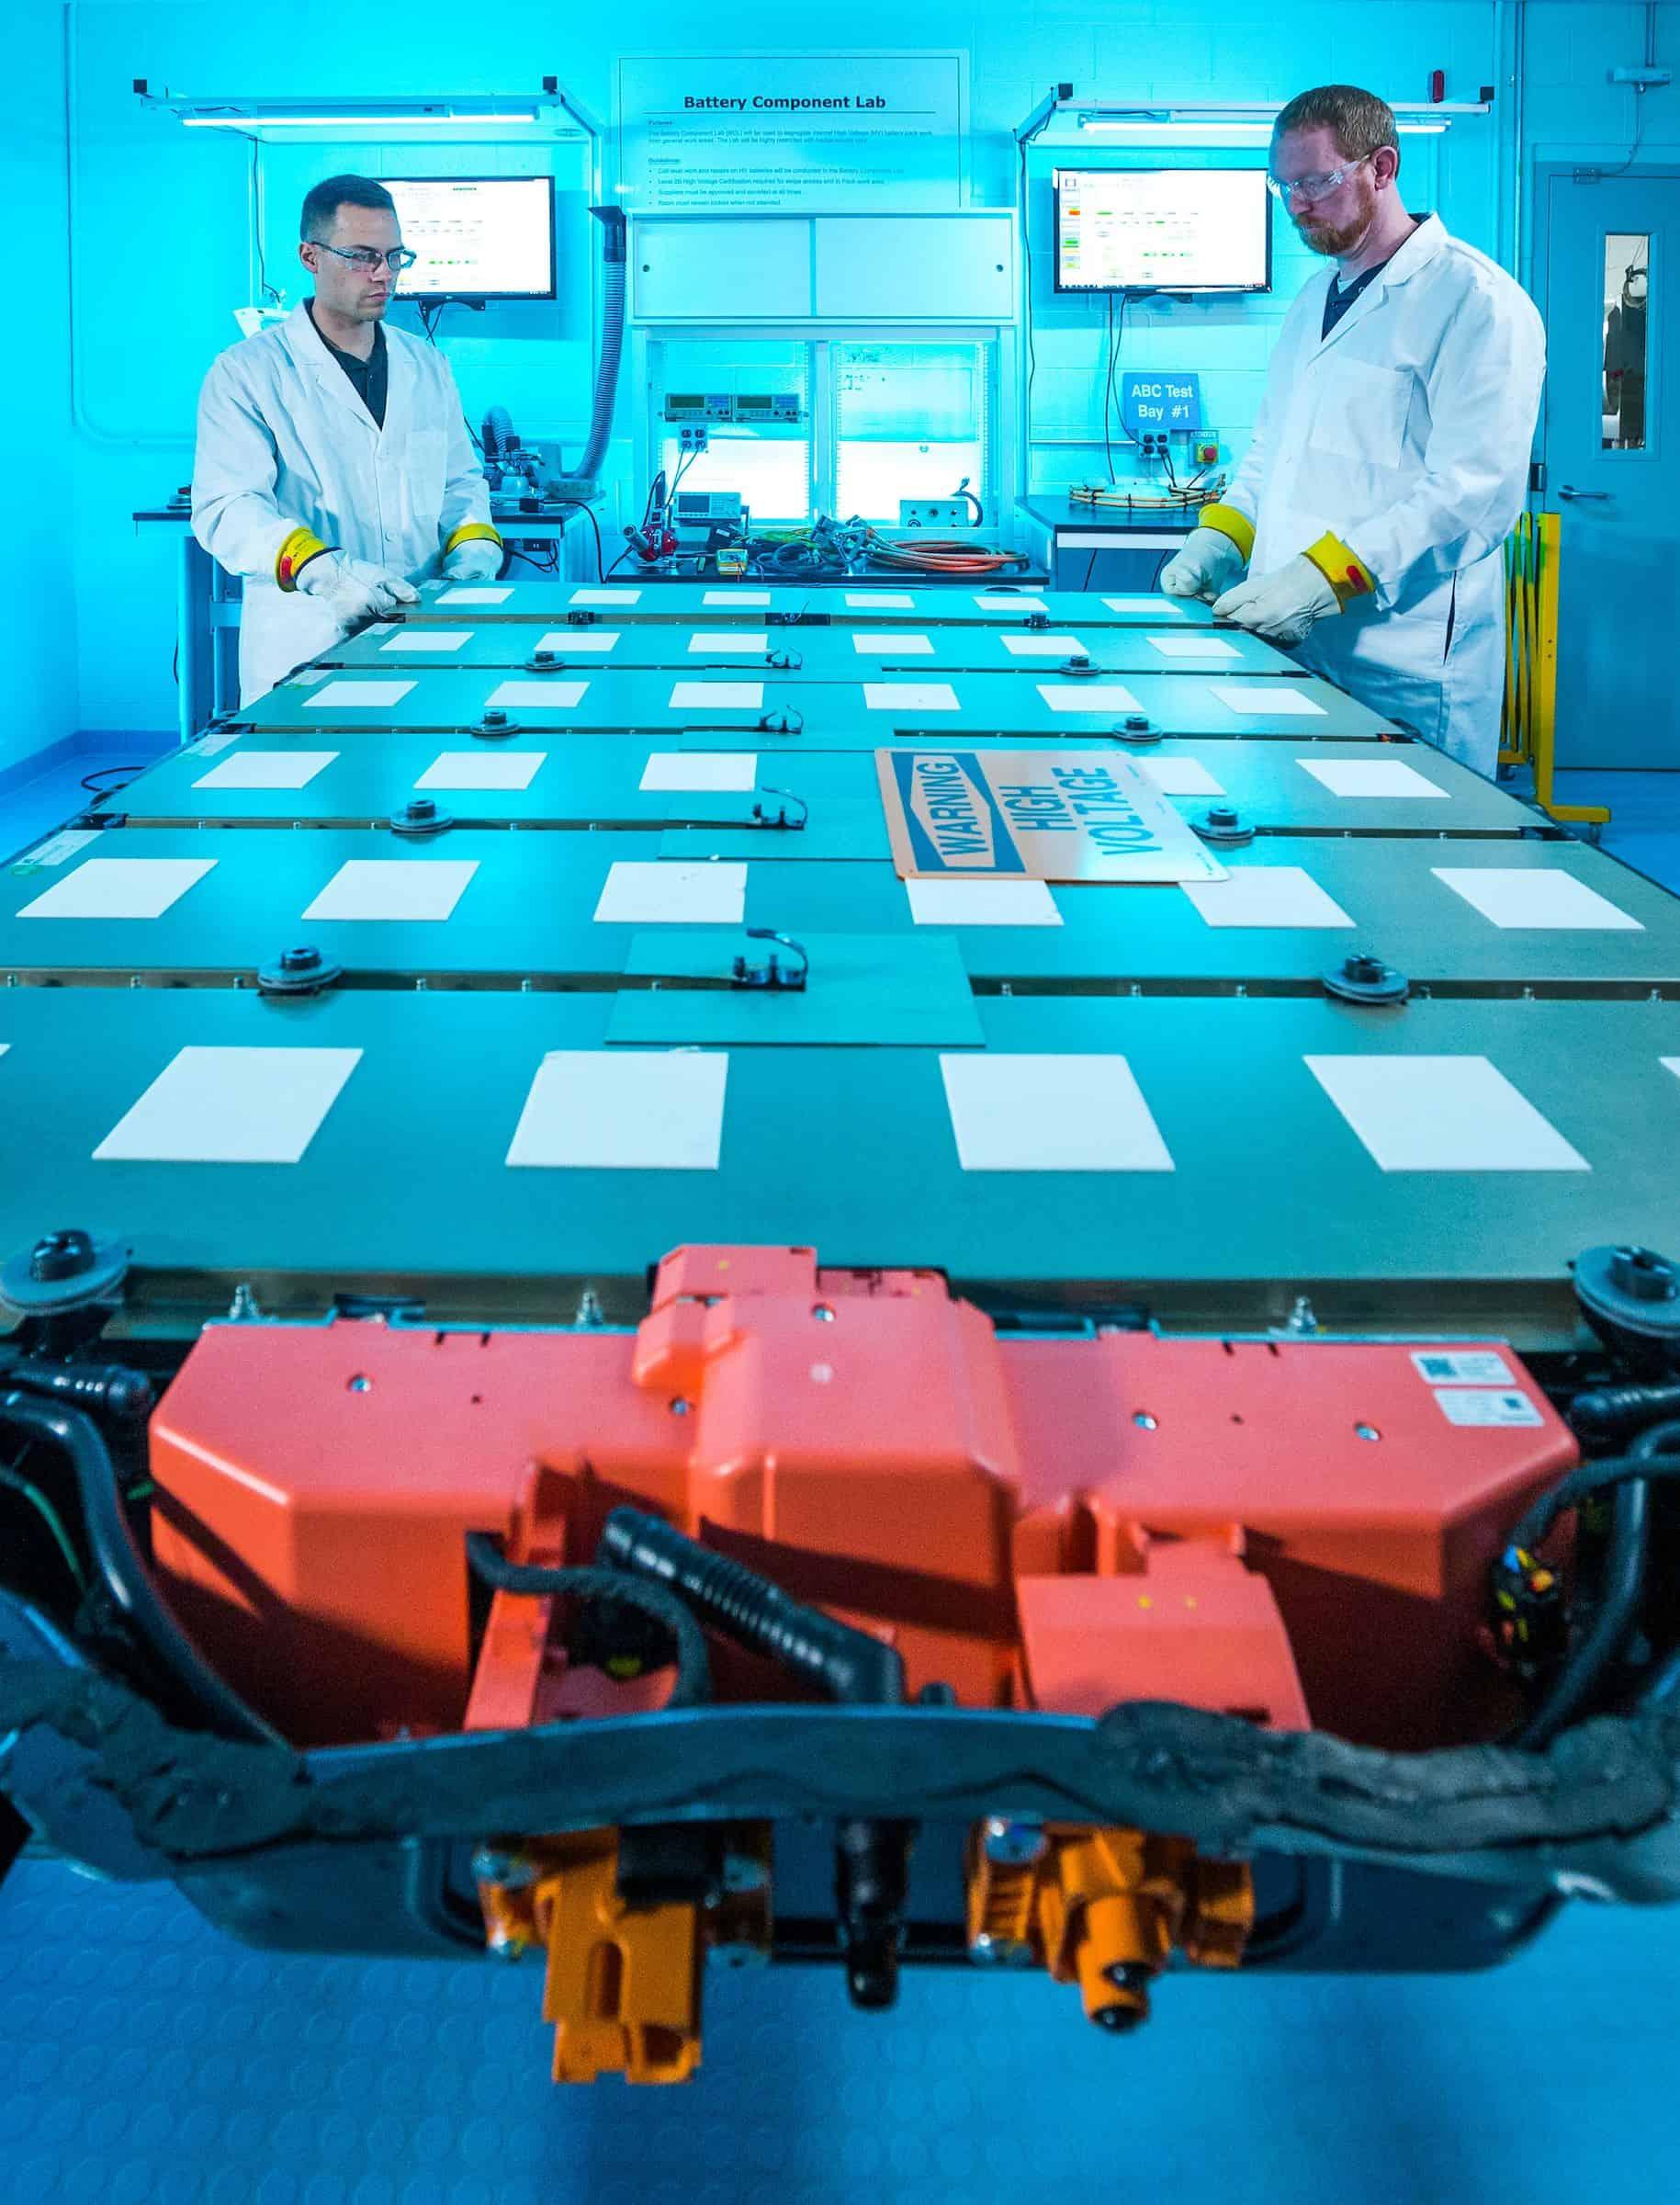 General Motors til debutindustriens første trådløse batteristyringssystem